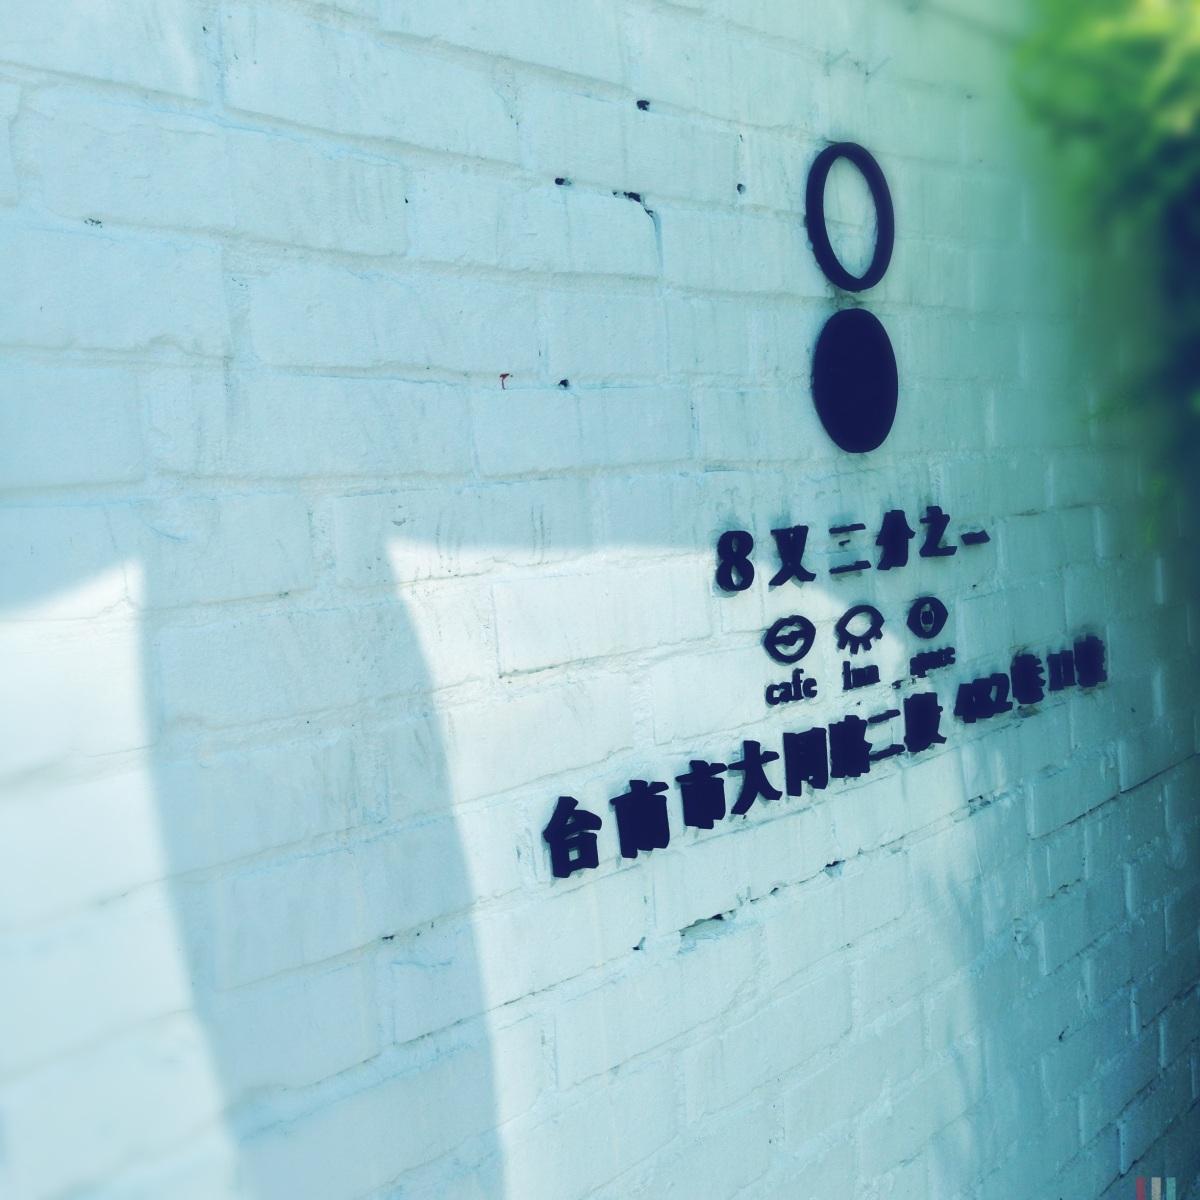 民宿與藝術空間的結合 - 台南市的八又二分之一 2